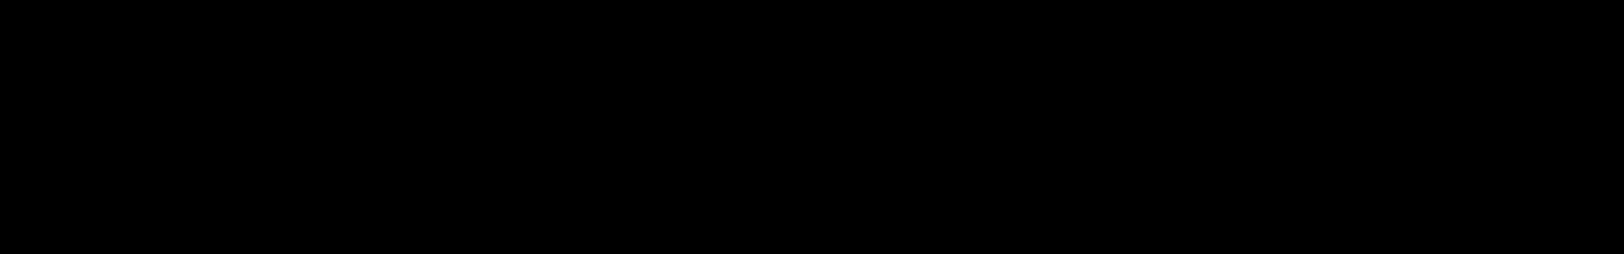 mineral-logo-transparent-black.png